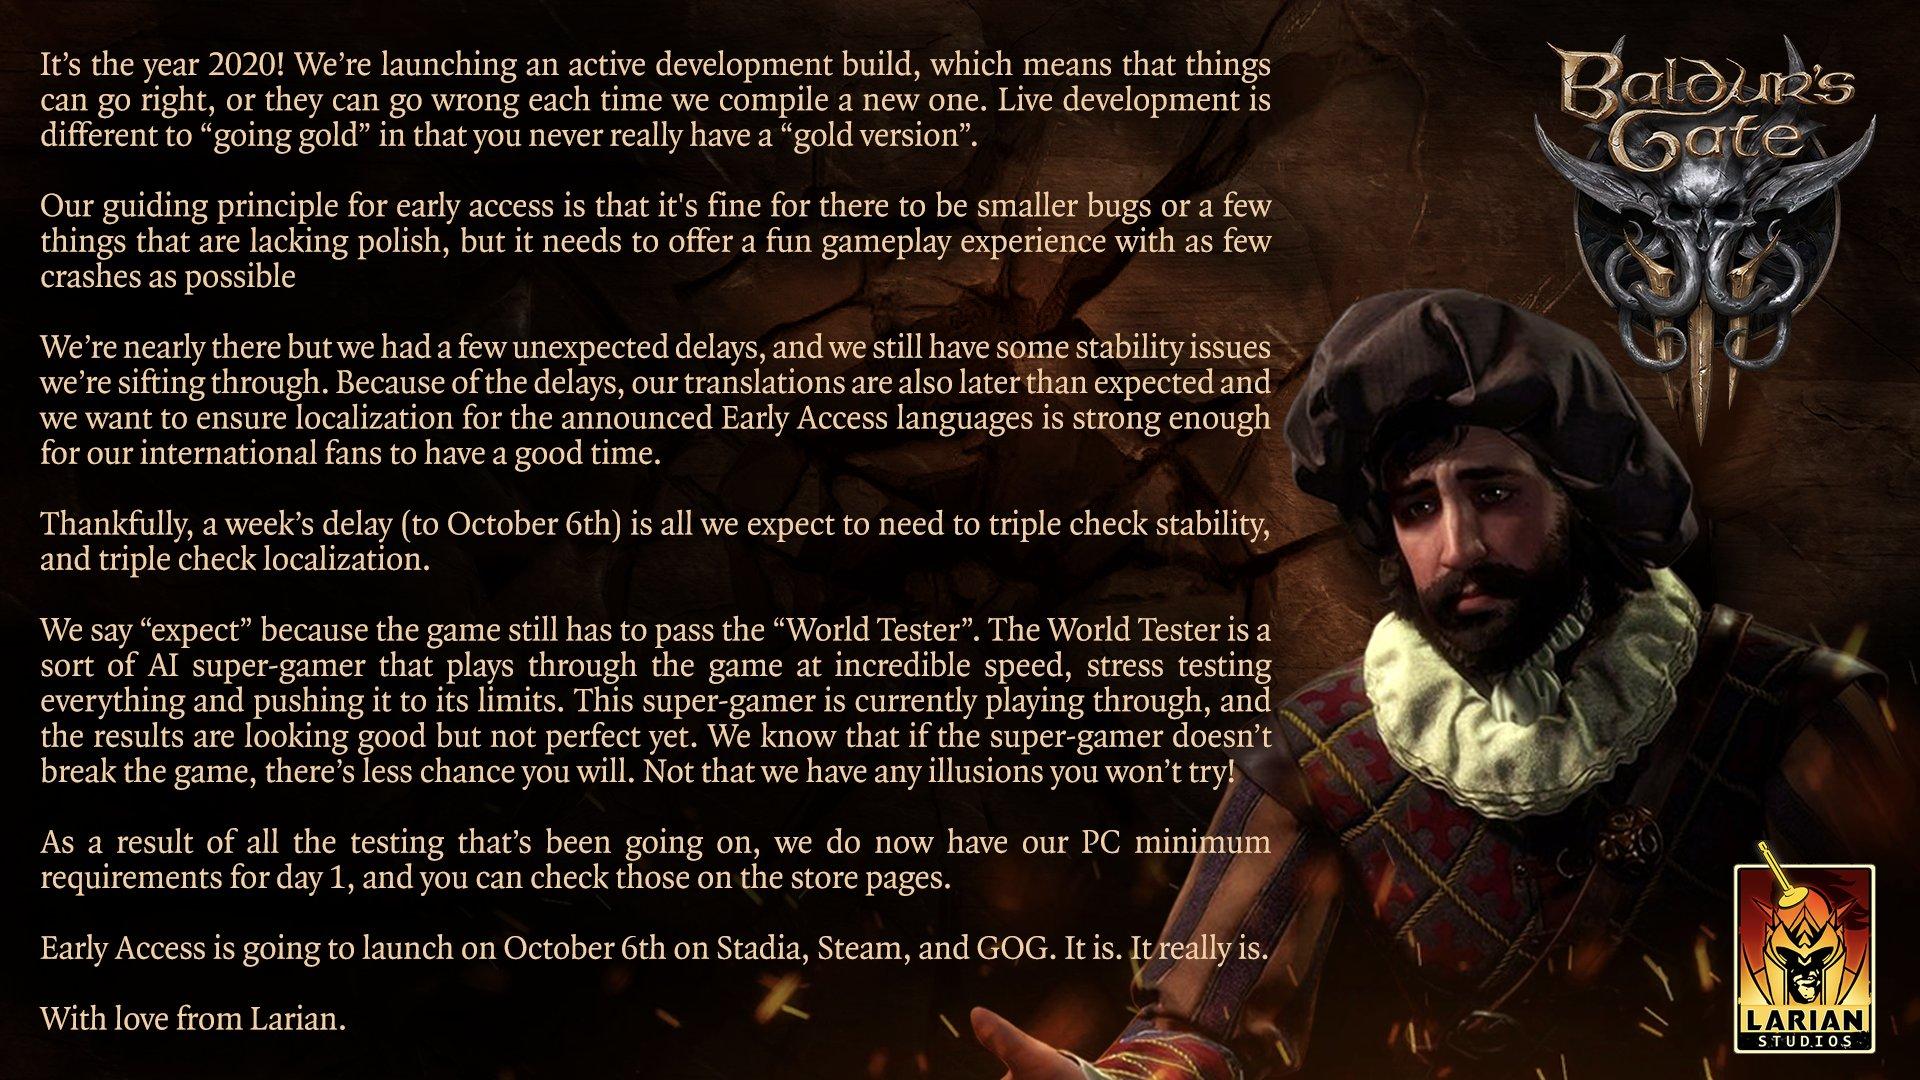 Baldur's Gate 3 выйдет в раннем доступе на неделю позже